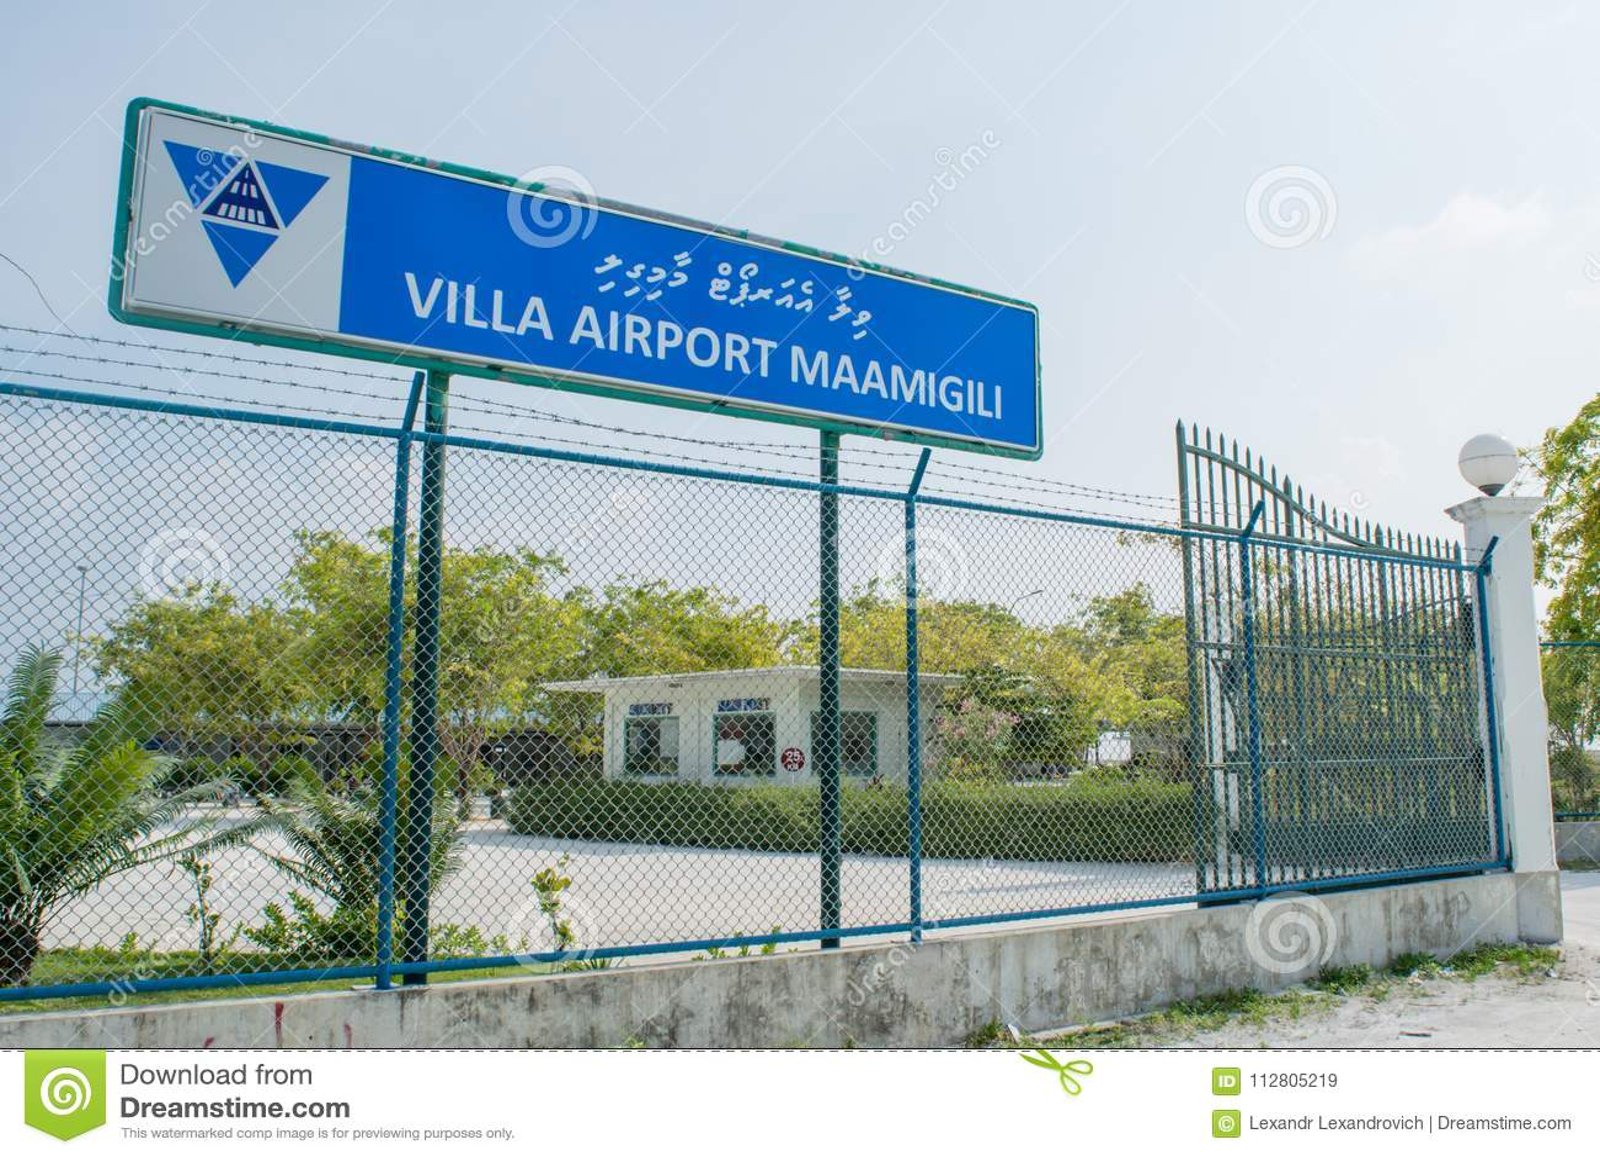 Airport Main Entrance Gates At The Tropical Island Maamigili